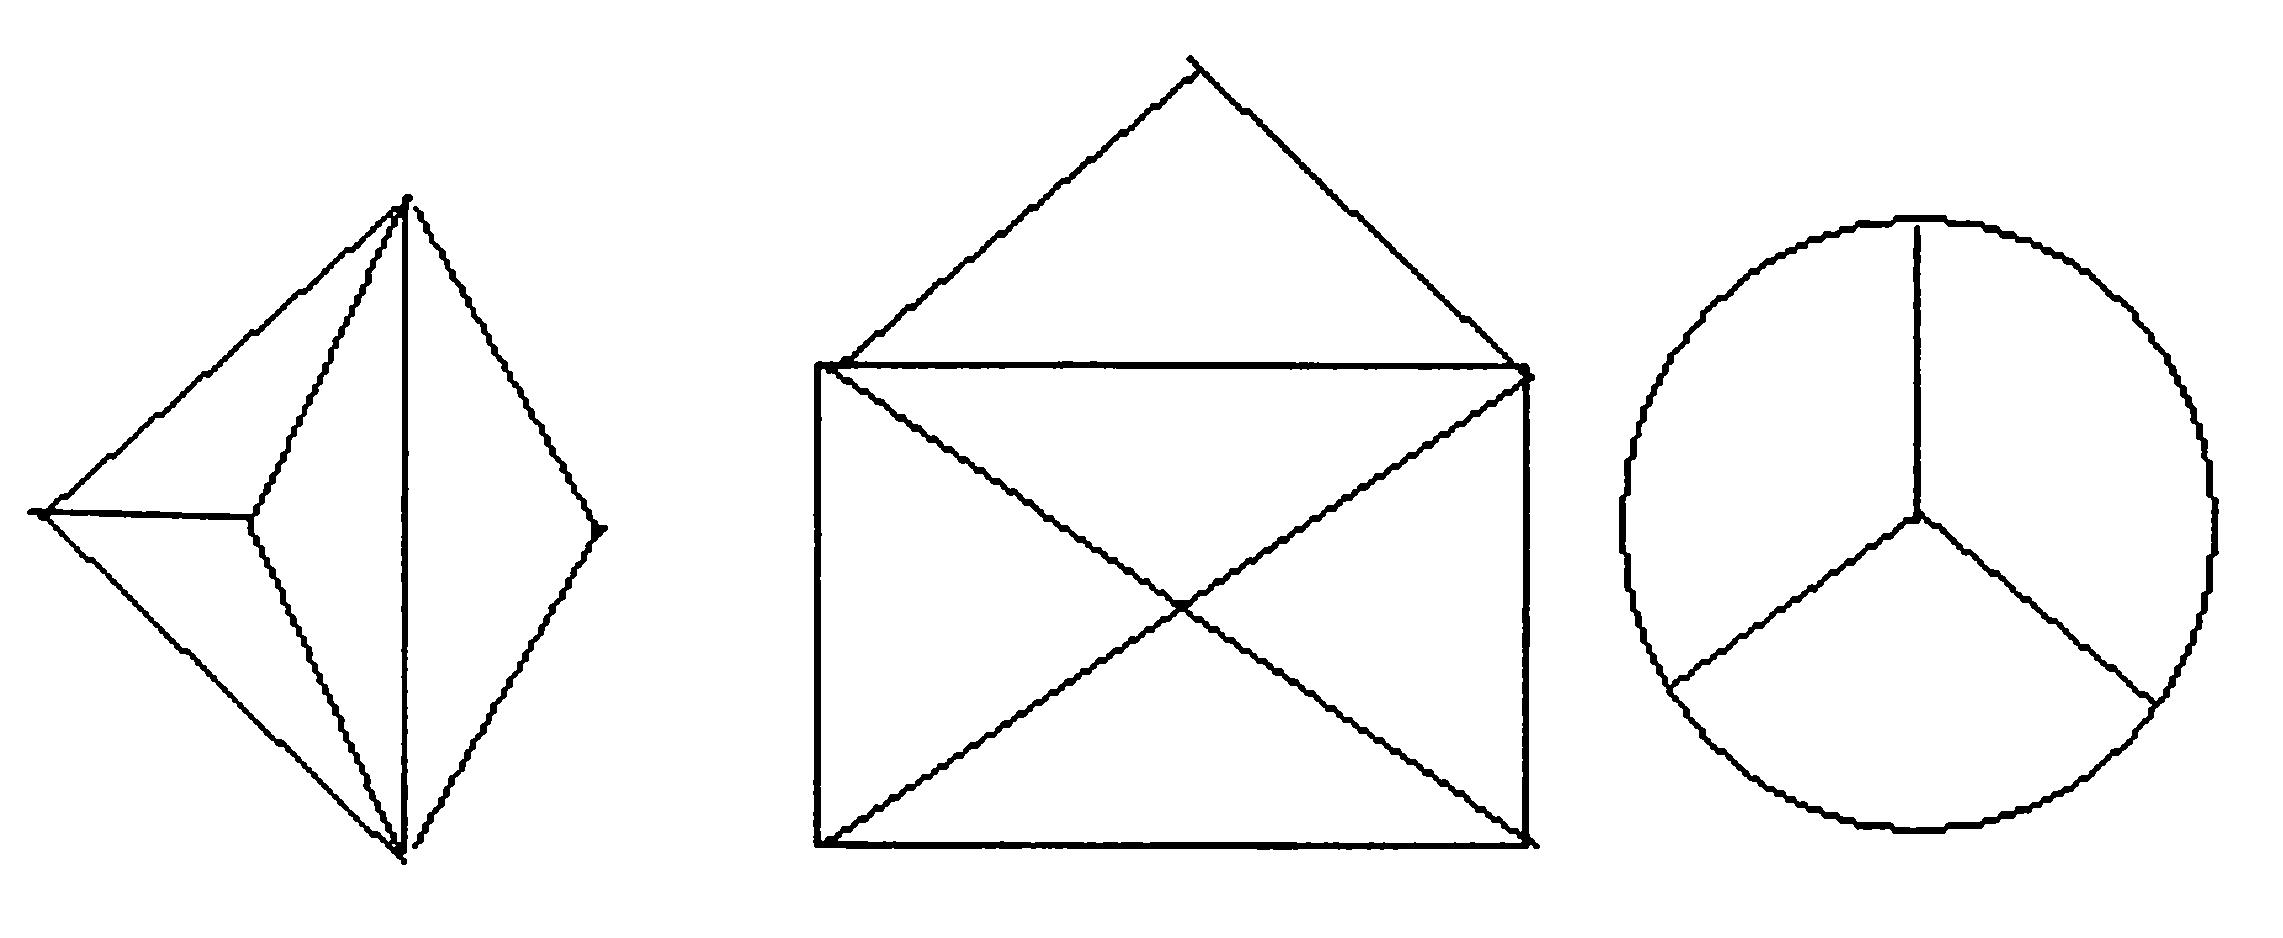 Как нарисовать крест в квадрате не отрывая руки видео